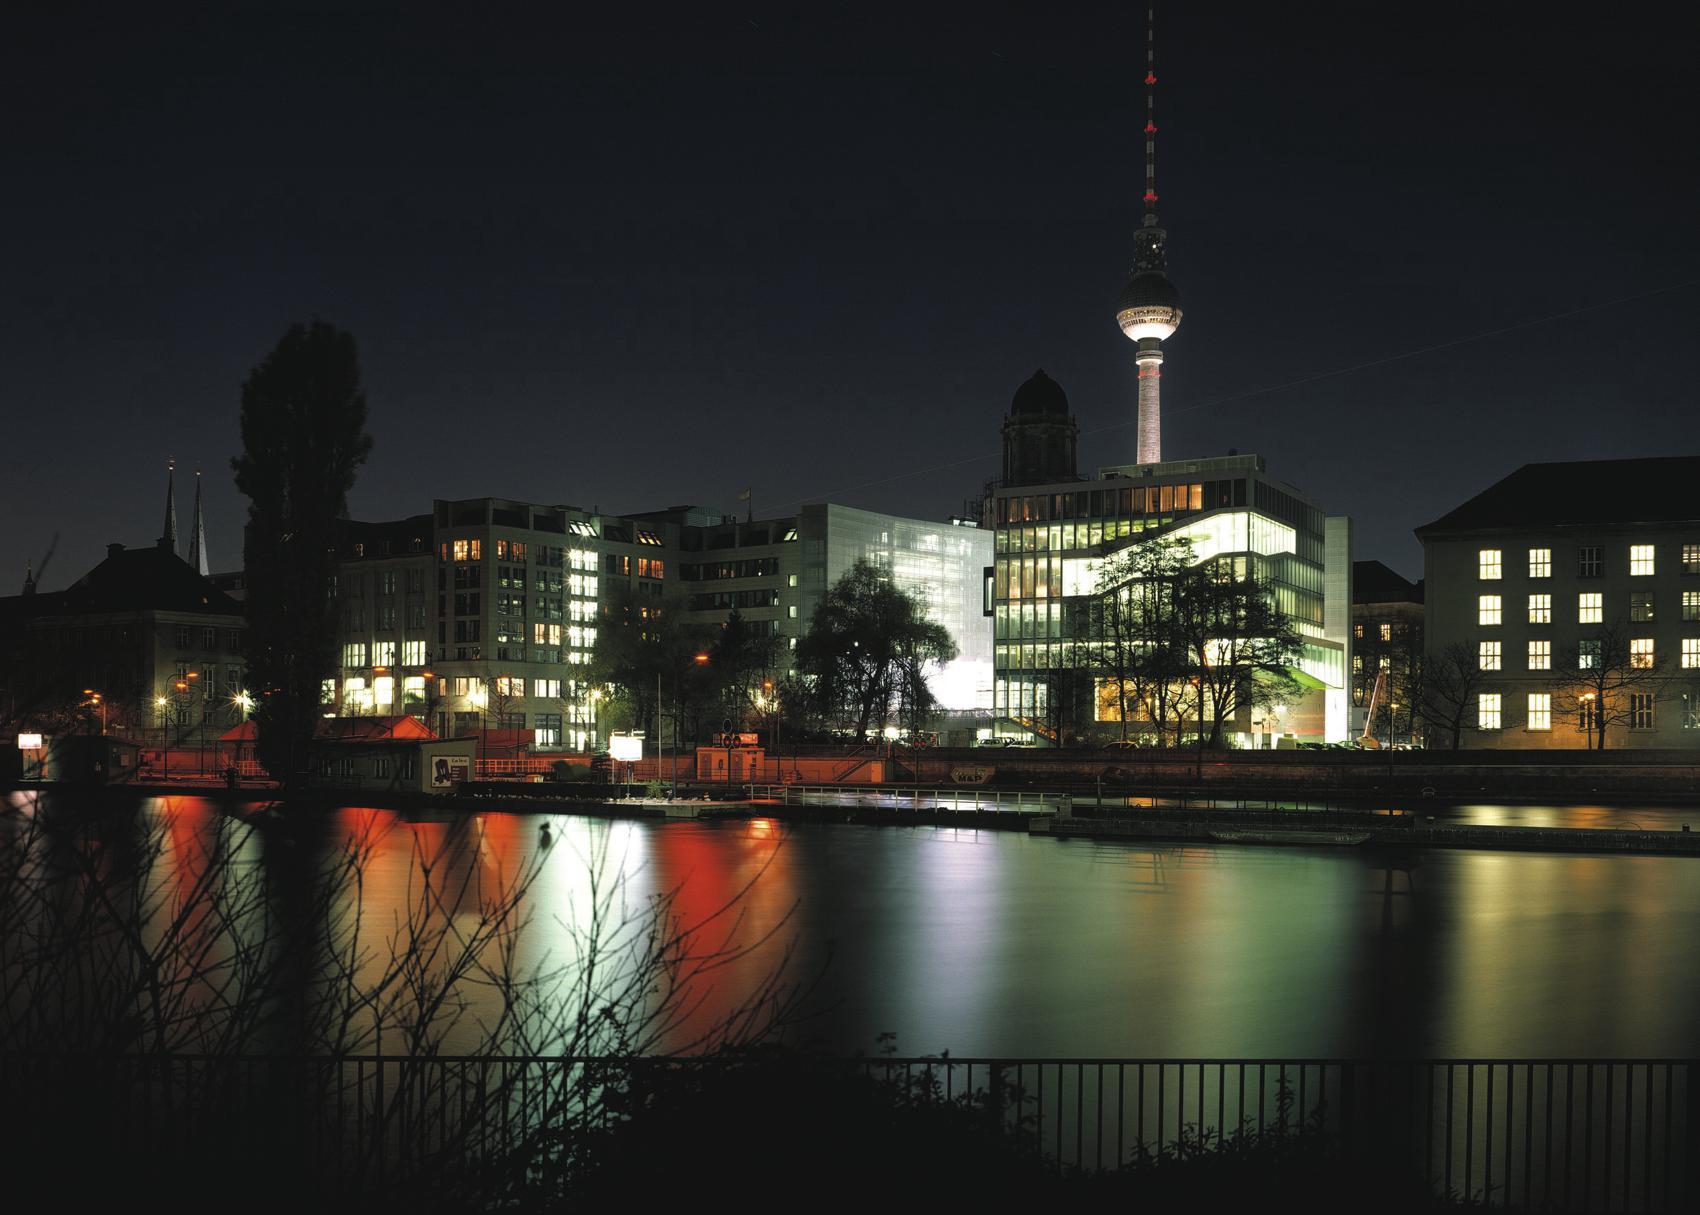 Rem Koolhaas, Ambasada Holandii w Niemczech, Nagroda Unii Europejskiej w dziedzinie architektury współczesnej – Mies van der Rohe Award, 2005 (źródło: materiały prasowe organizatora)